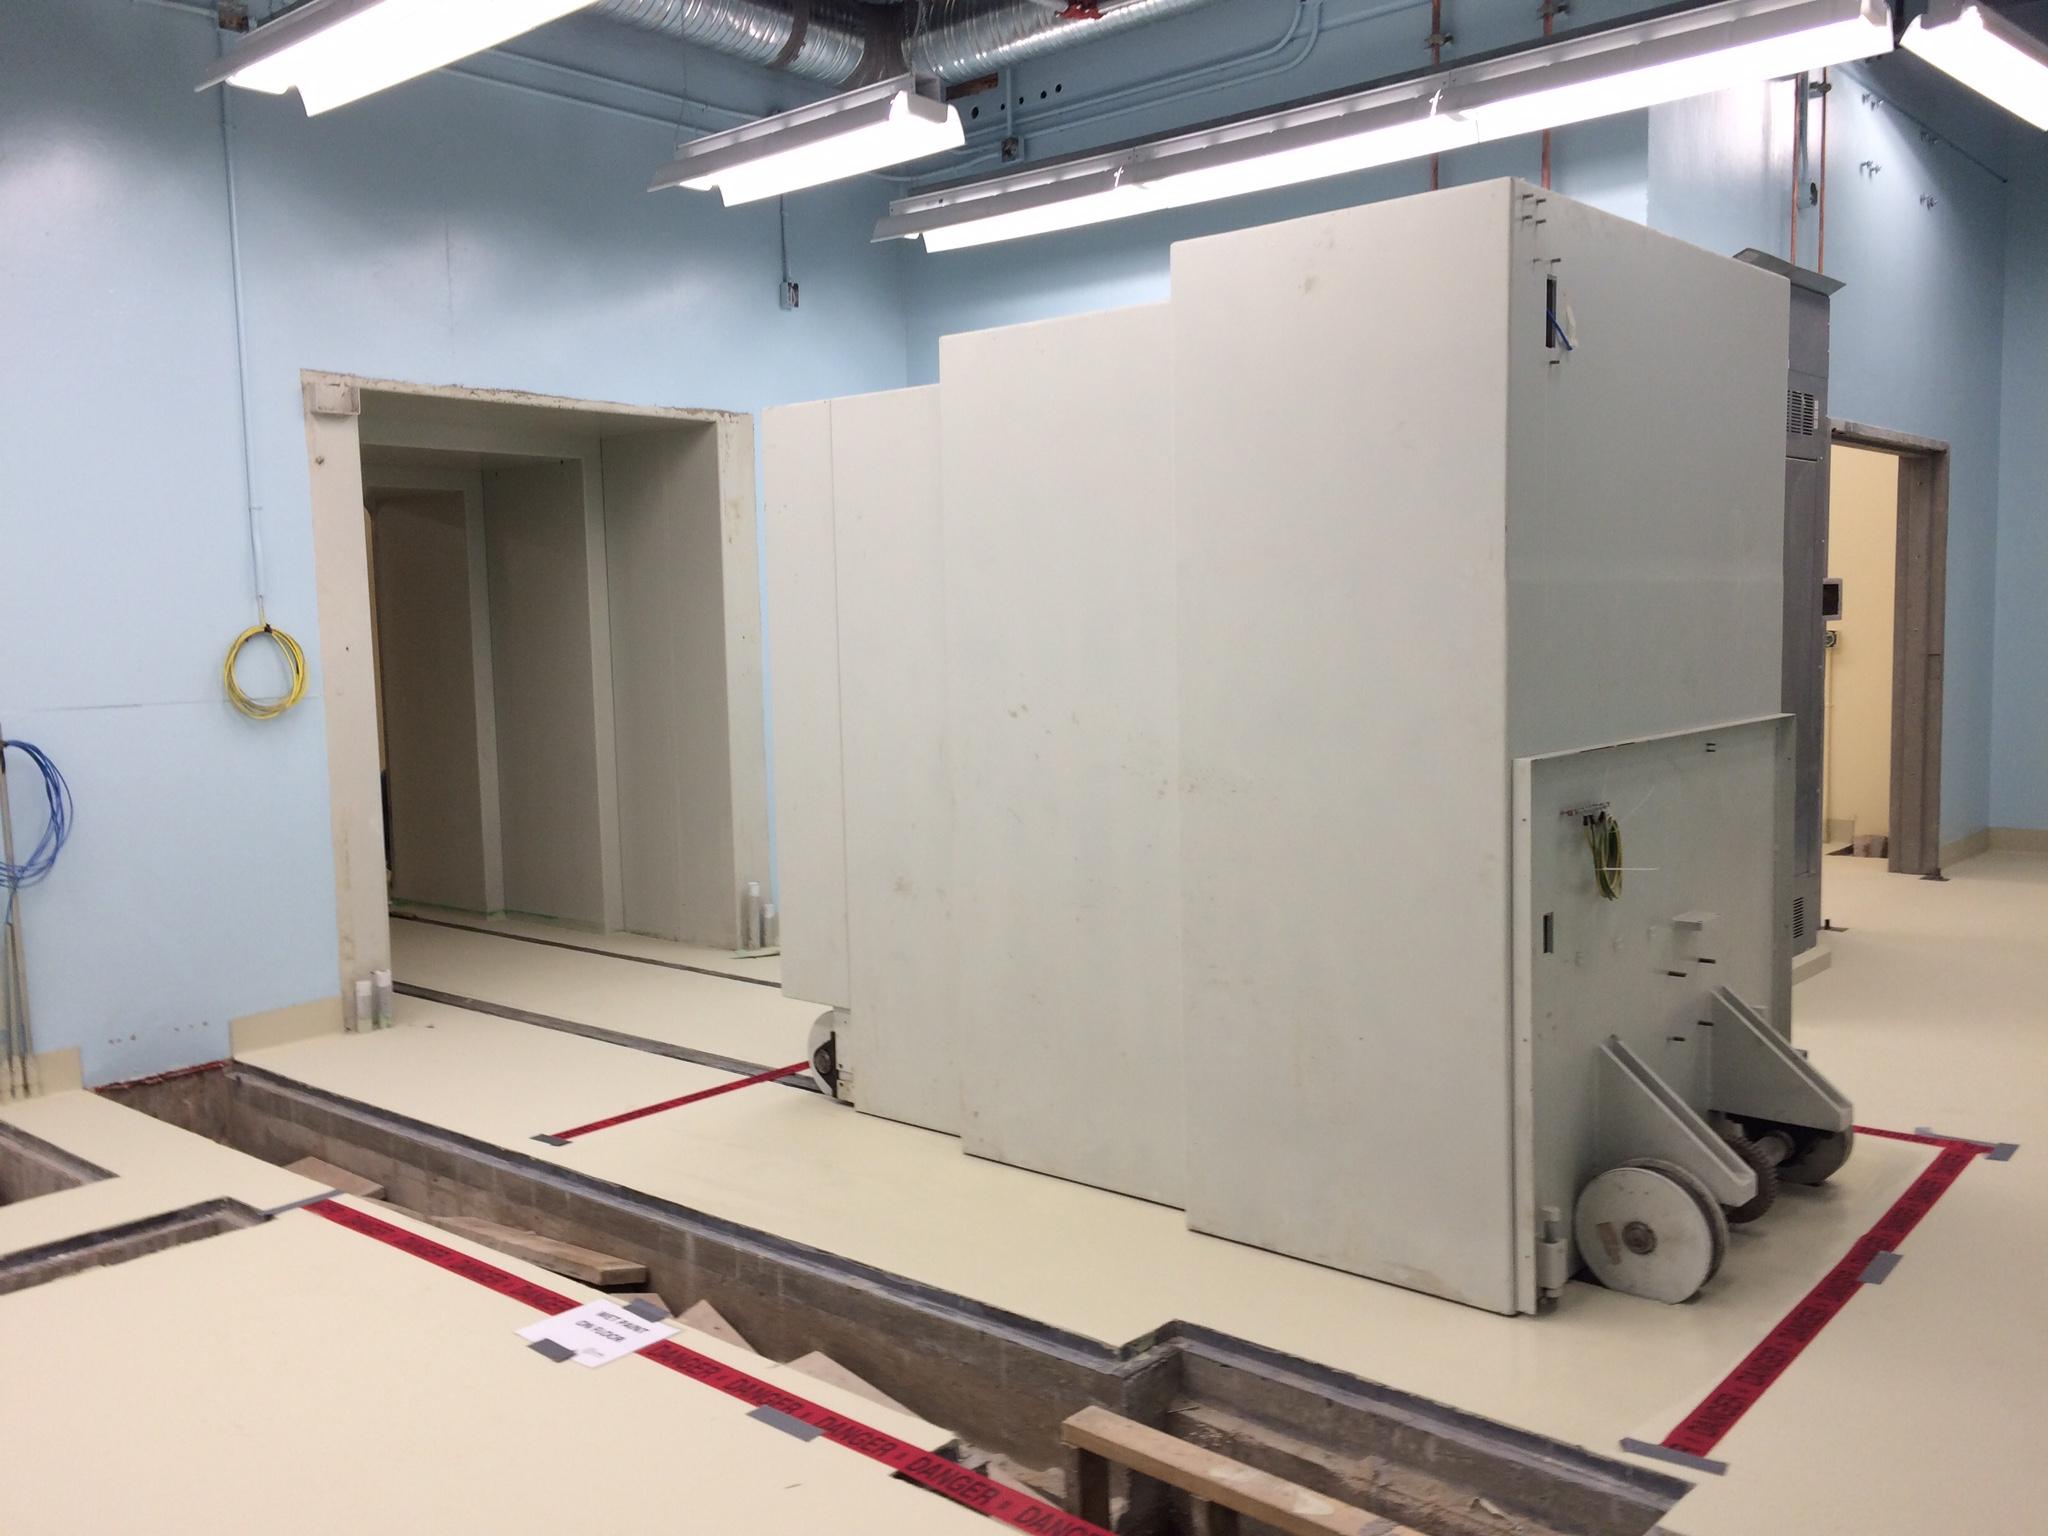 Installation of bunker door